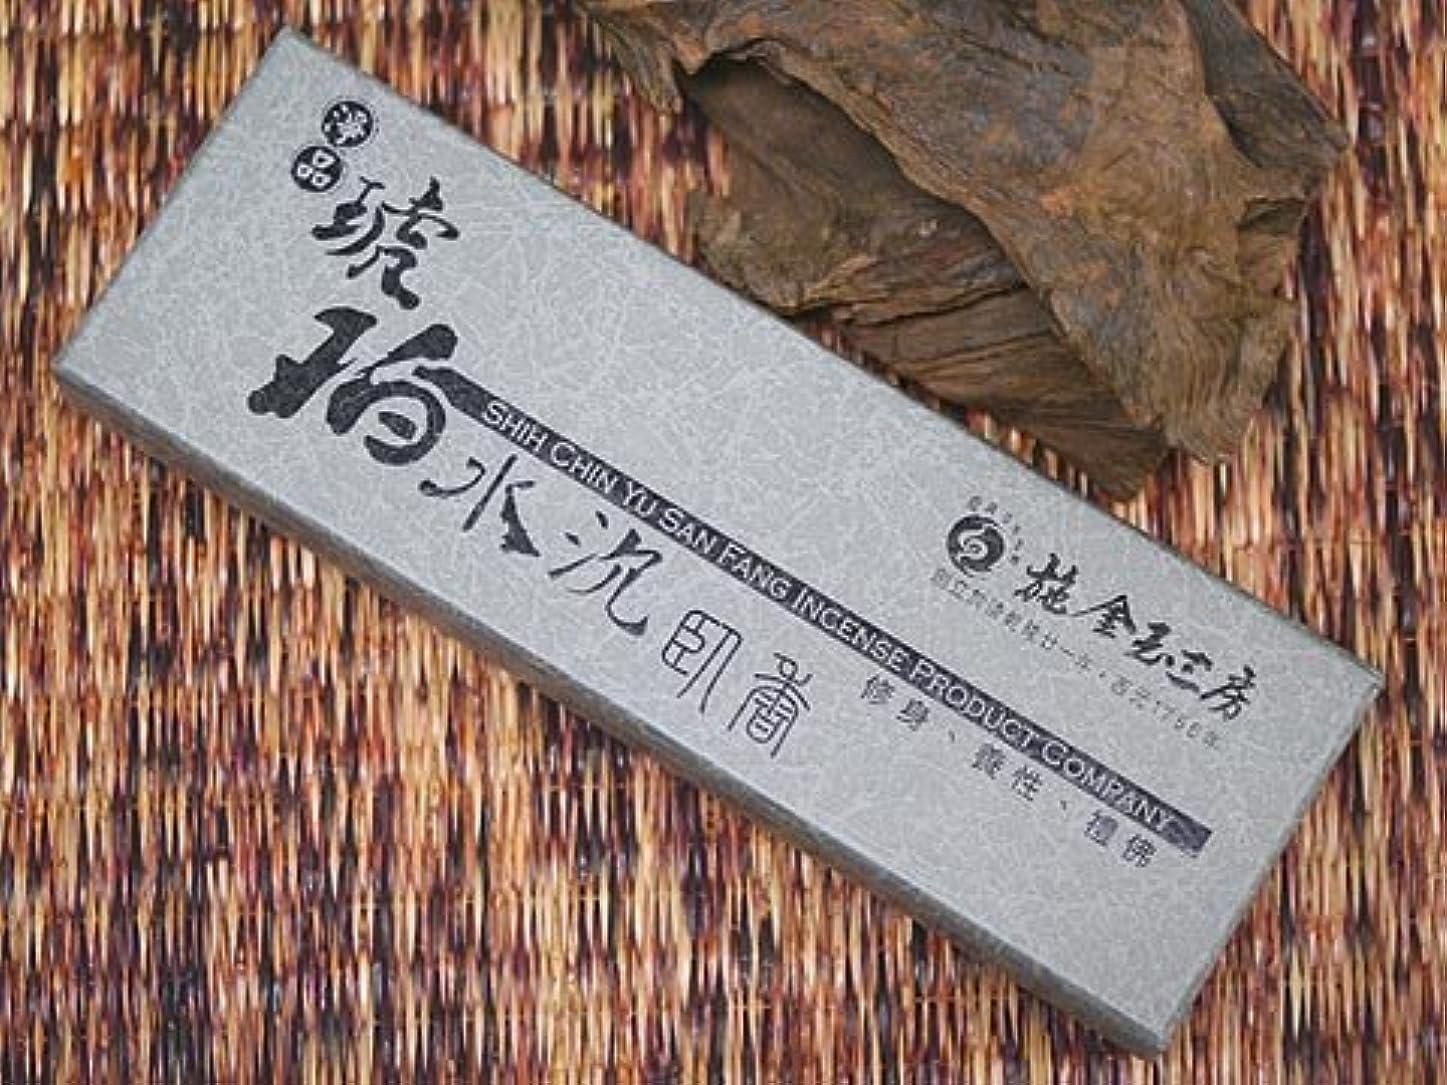 嫌がらせ定期的な報いる施金玉三房 創業1756年台湾鹿港のお香店「施金玉三房」のお香 琥珀水沈香 大容量約320本入りおタイプ